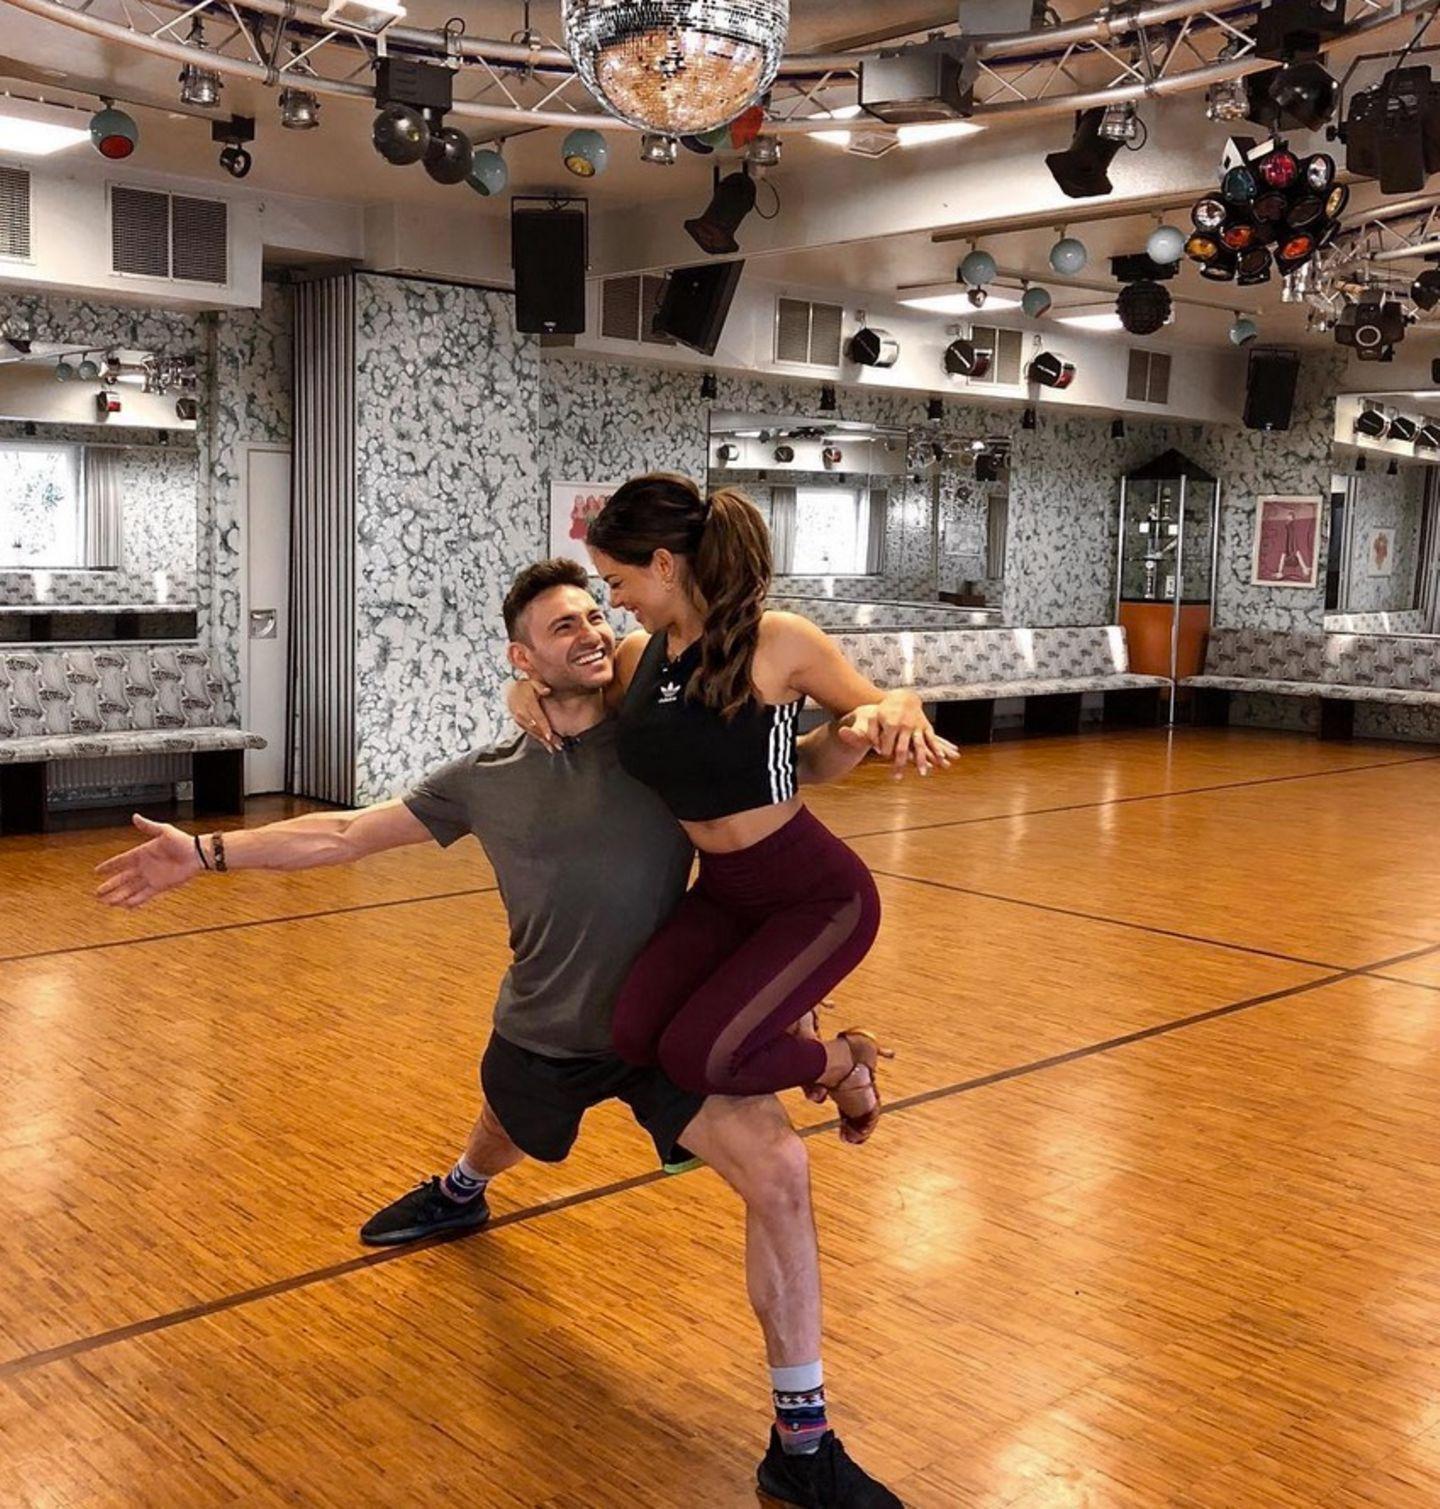 Das sieht ja schon super aus, Jessica! Die Bachelorette und Tanzpartner Robert Beitsch trainieren Tanzpositionen für die nächste Show.